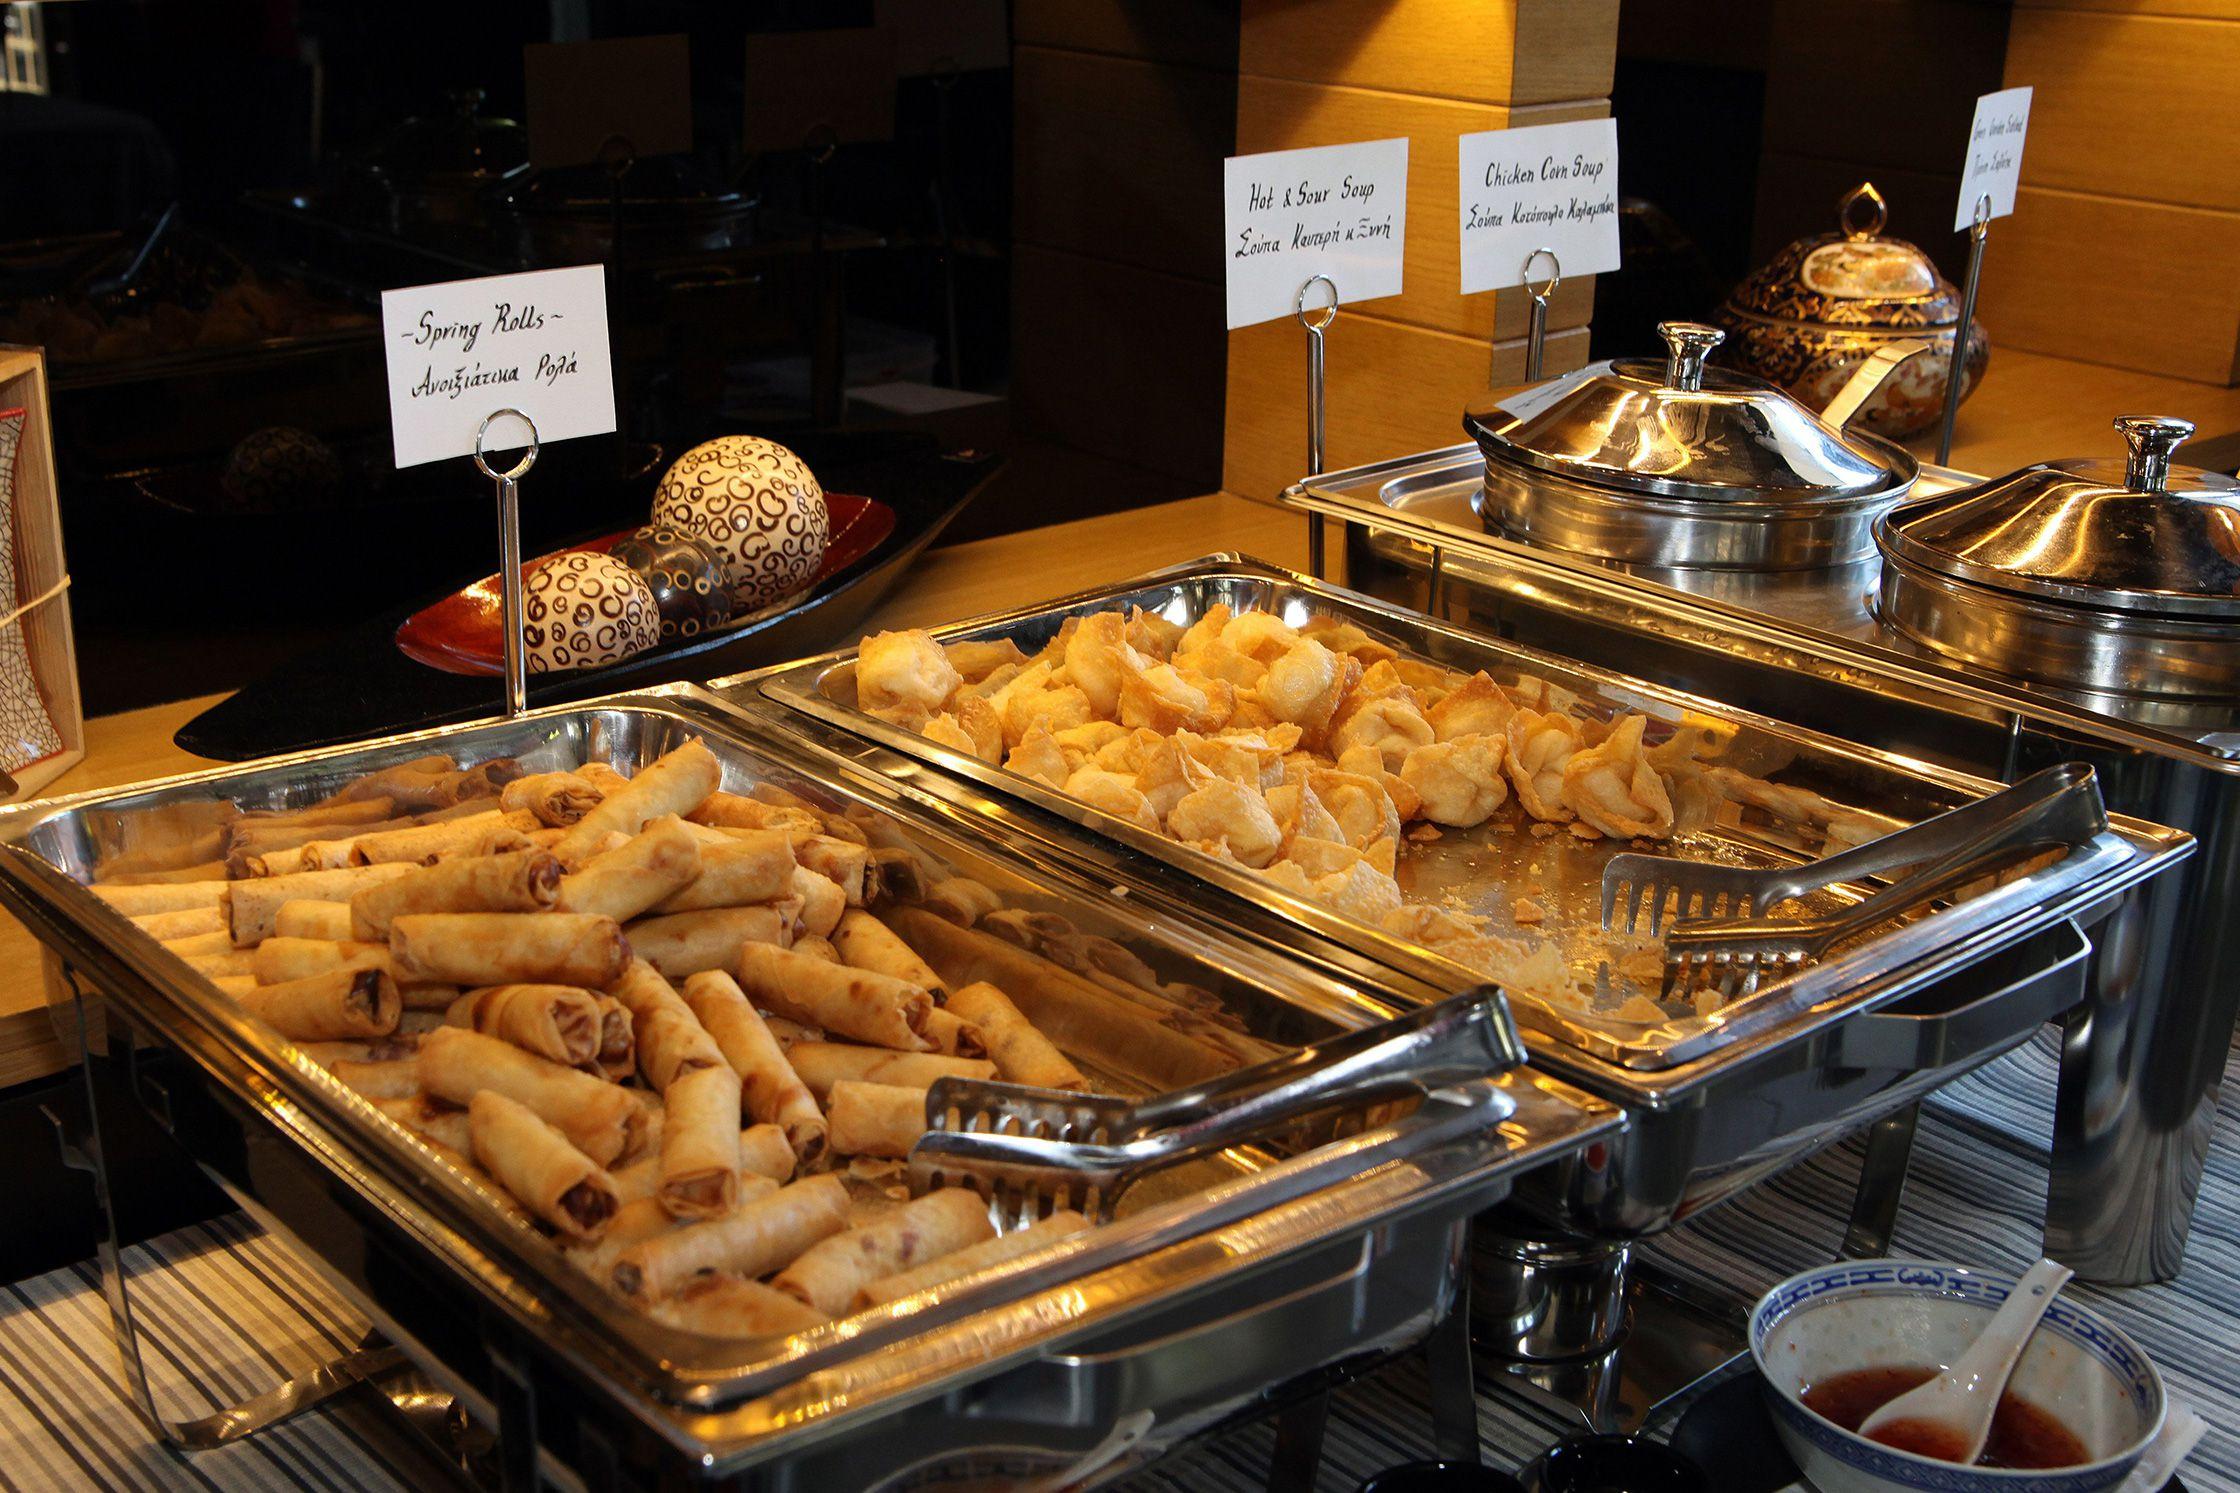 Κάθε Πέμπτη & Κυριακή Κινέζικο & Sushi μπουφέ 17€ στο Κινέζικο-Sushi Εστιατόριο Won Ton - Sushi Restaurant